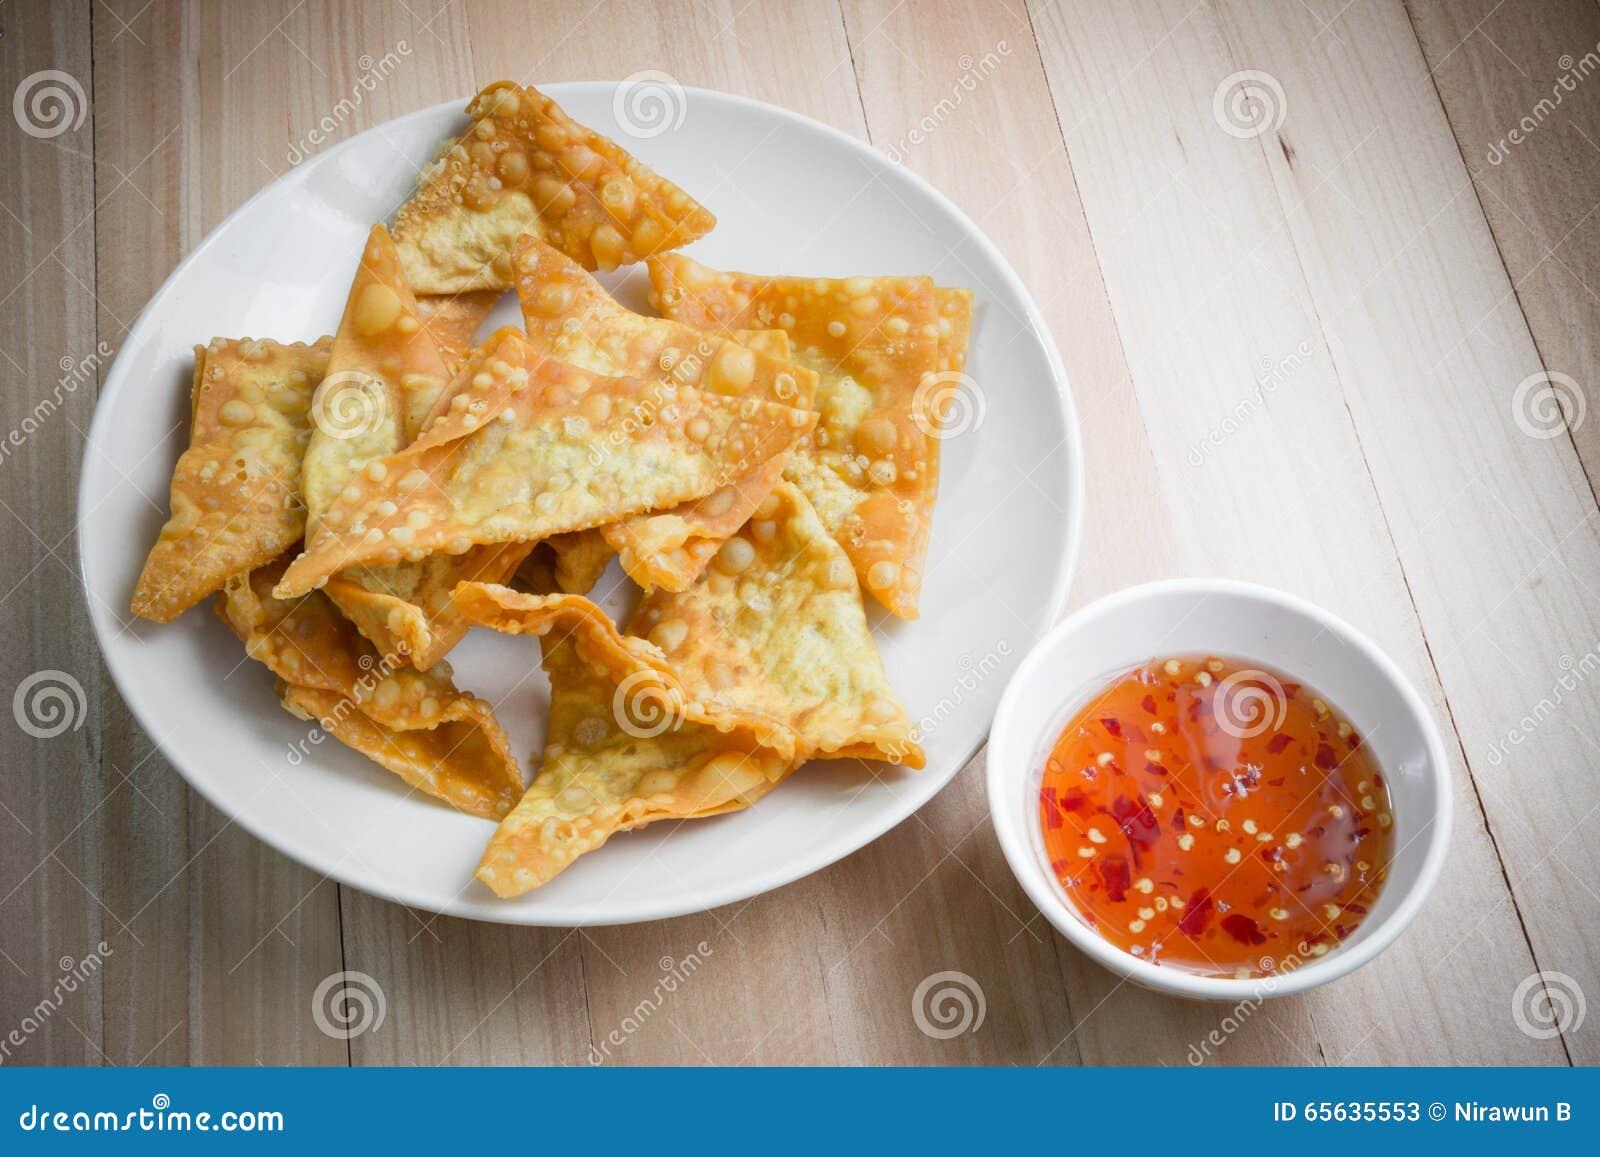 Boulette frite délicieuse croustillante avec de la sauce épicée